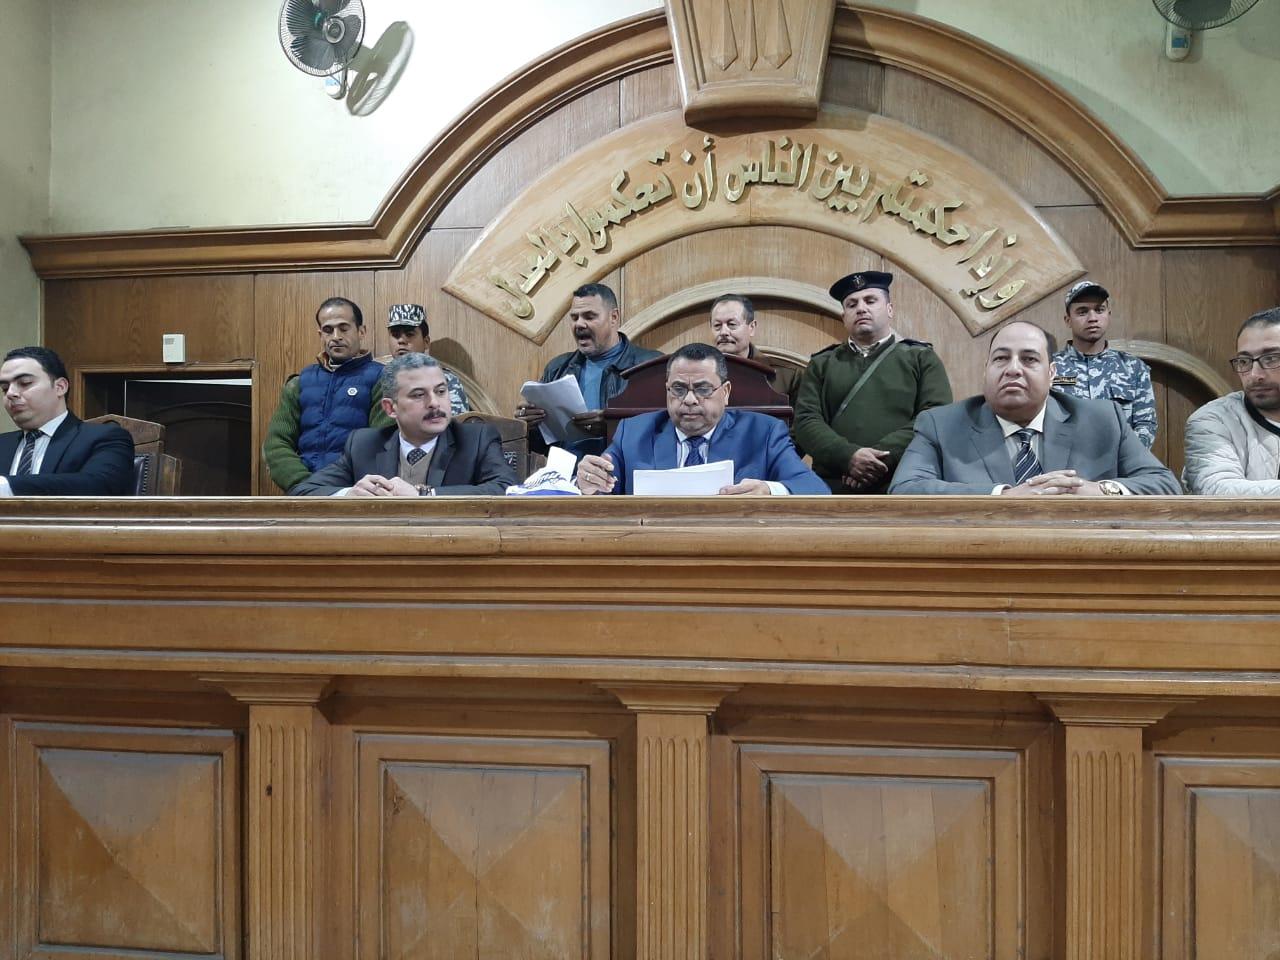 محكمة جنايات الزقازيق بالشرقية (1)